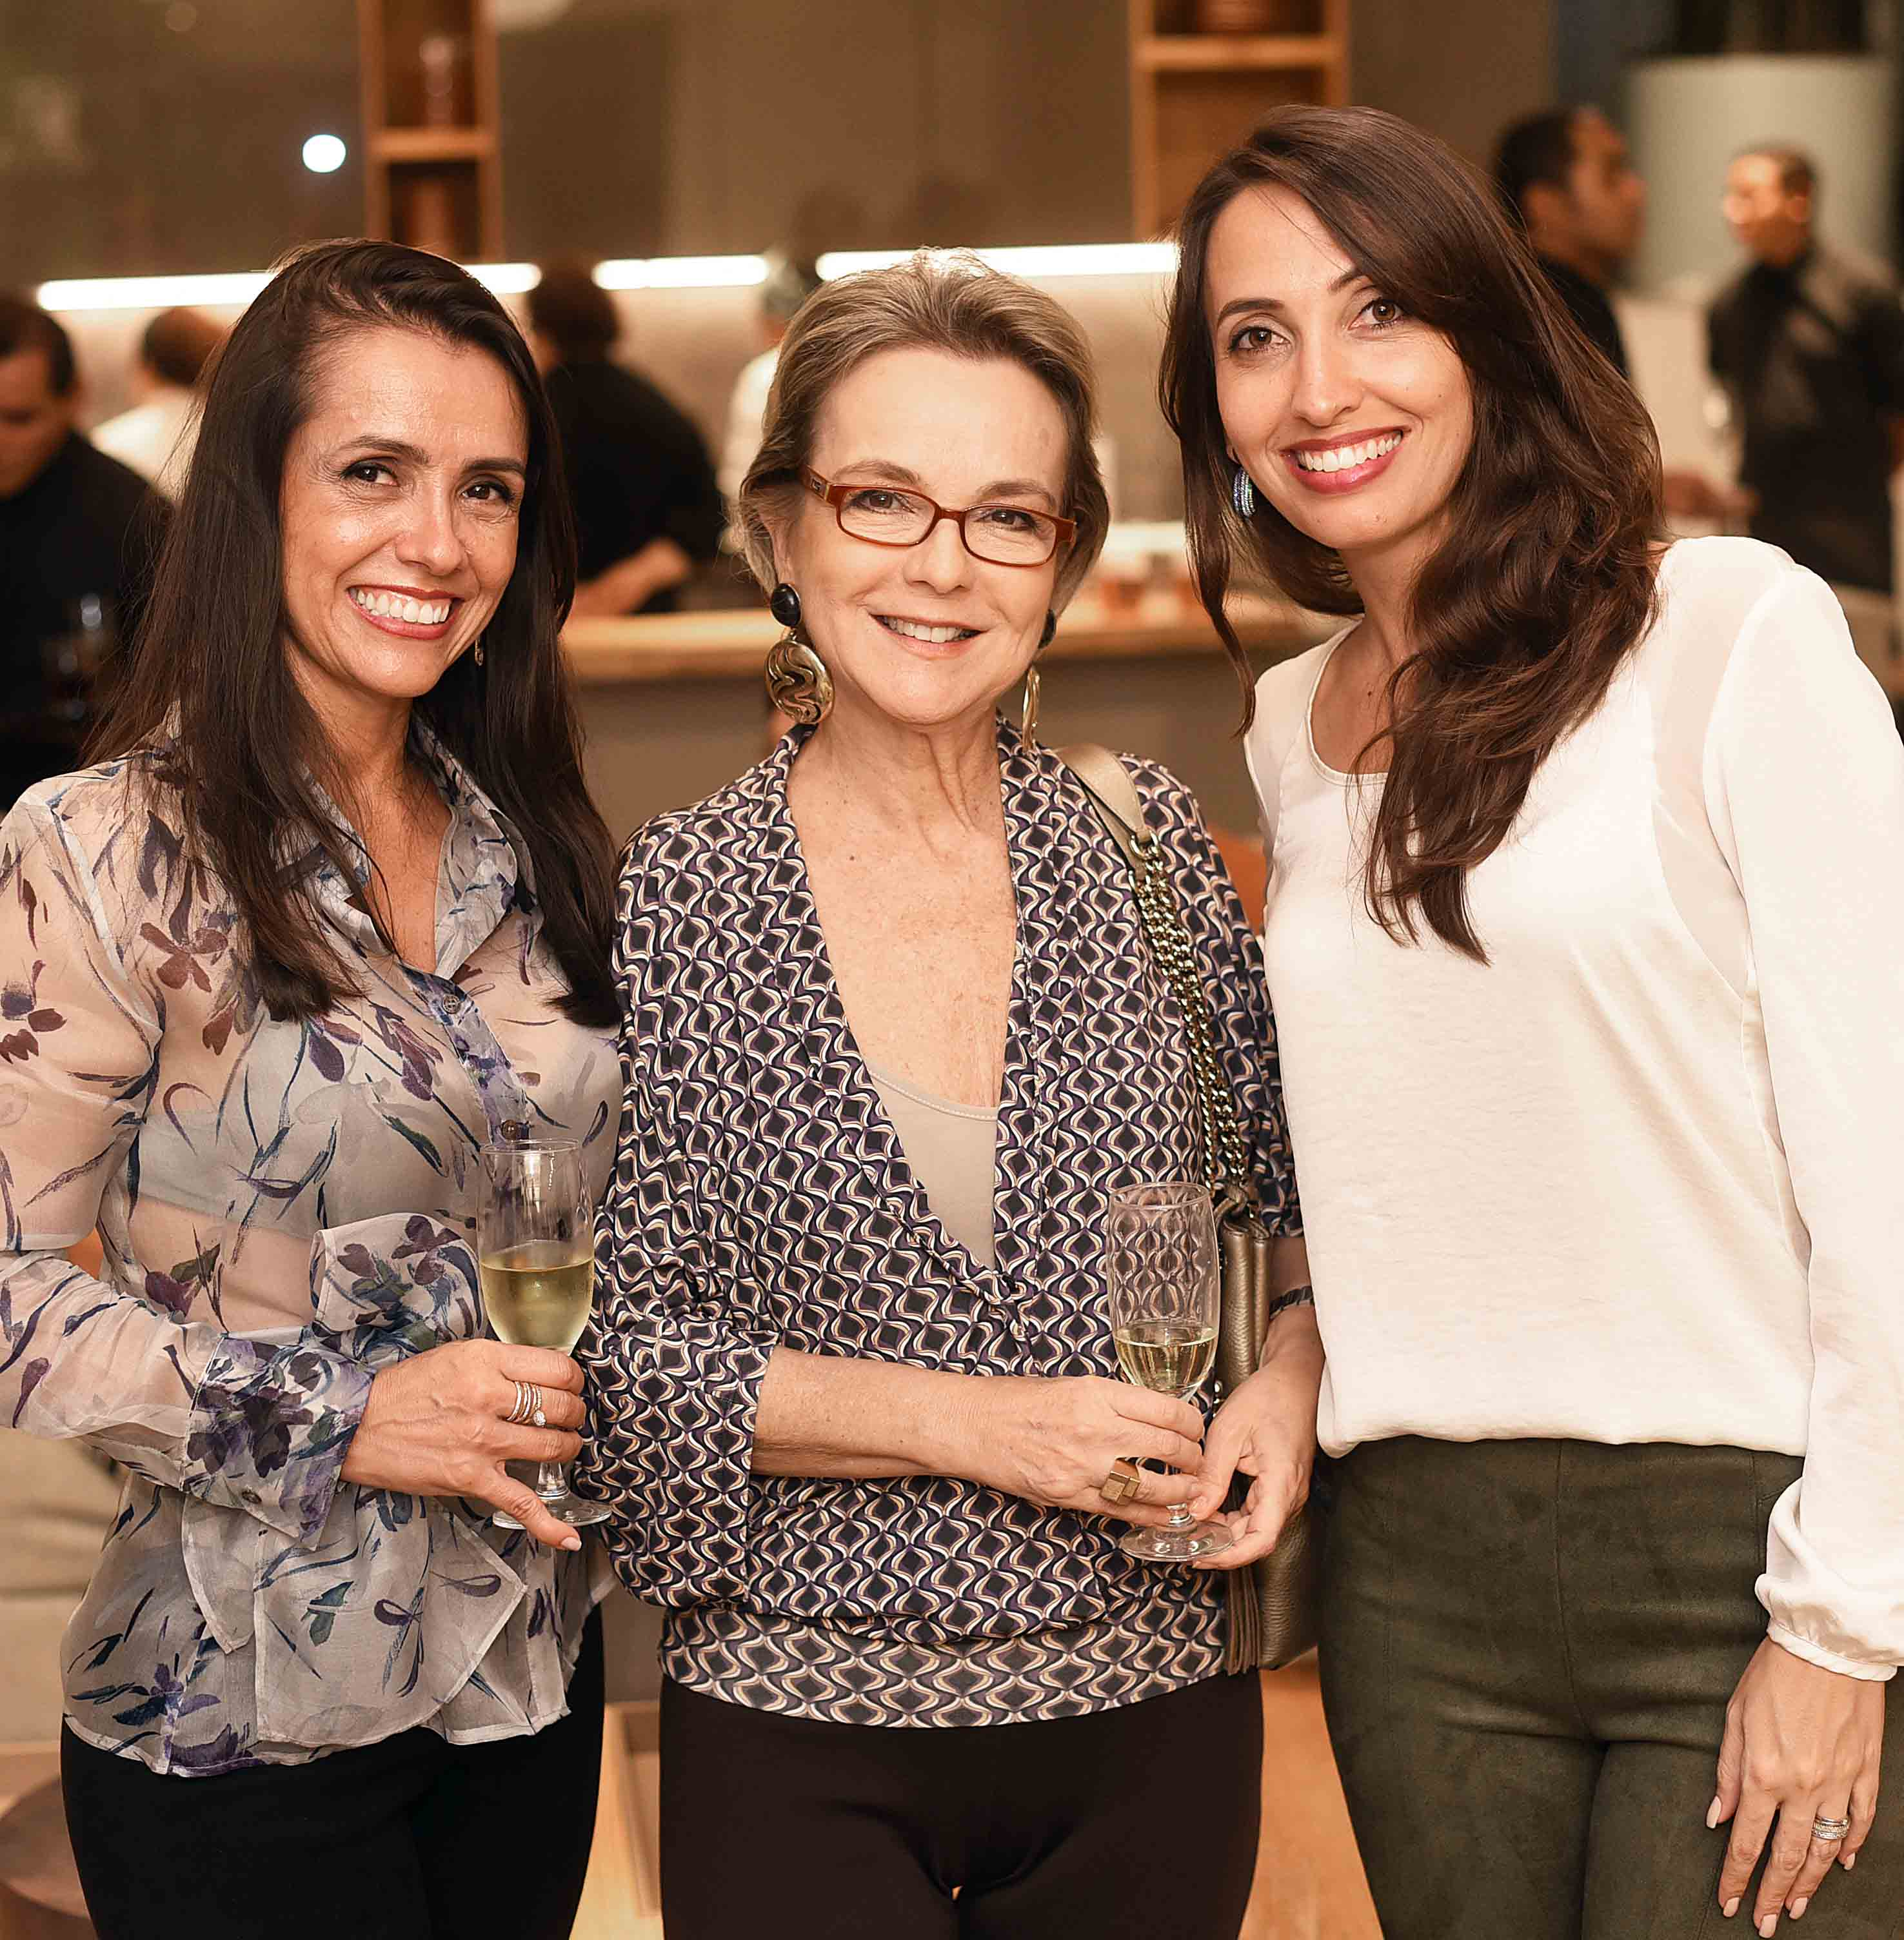 Cassia Lima, Bia Lettiere e Lia Dinallo  /Foto: Ari Kaye